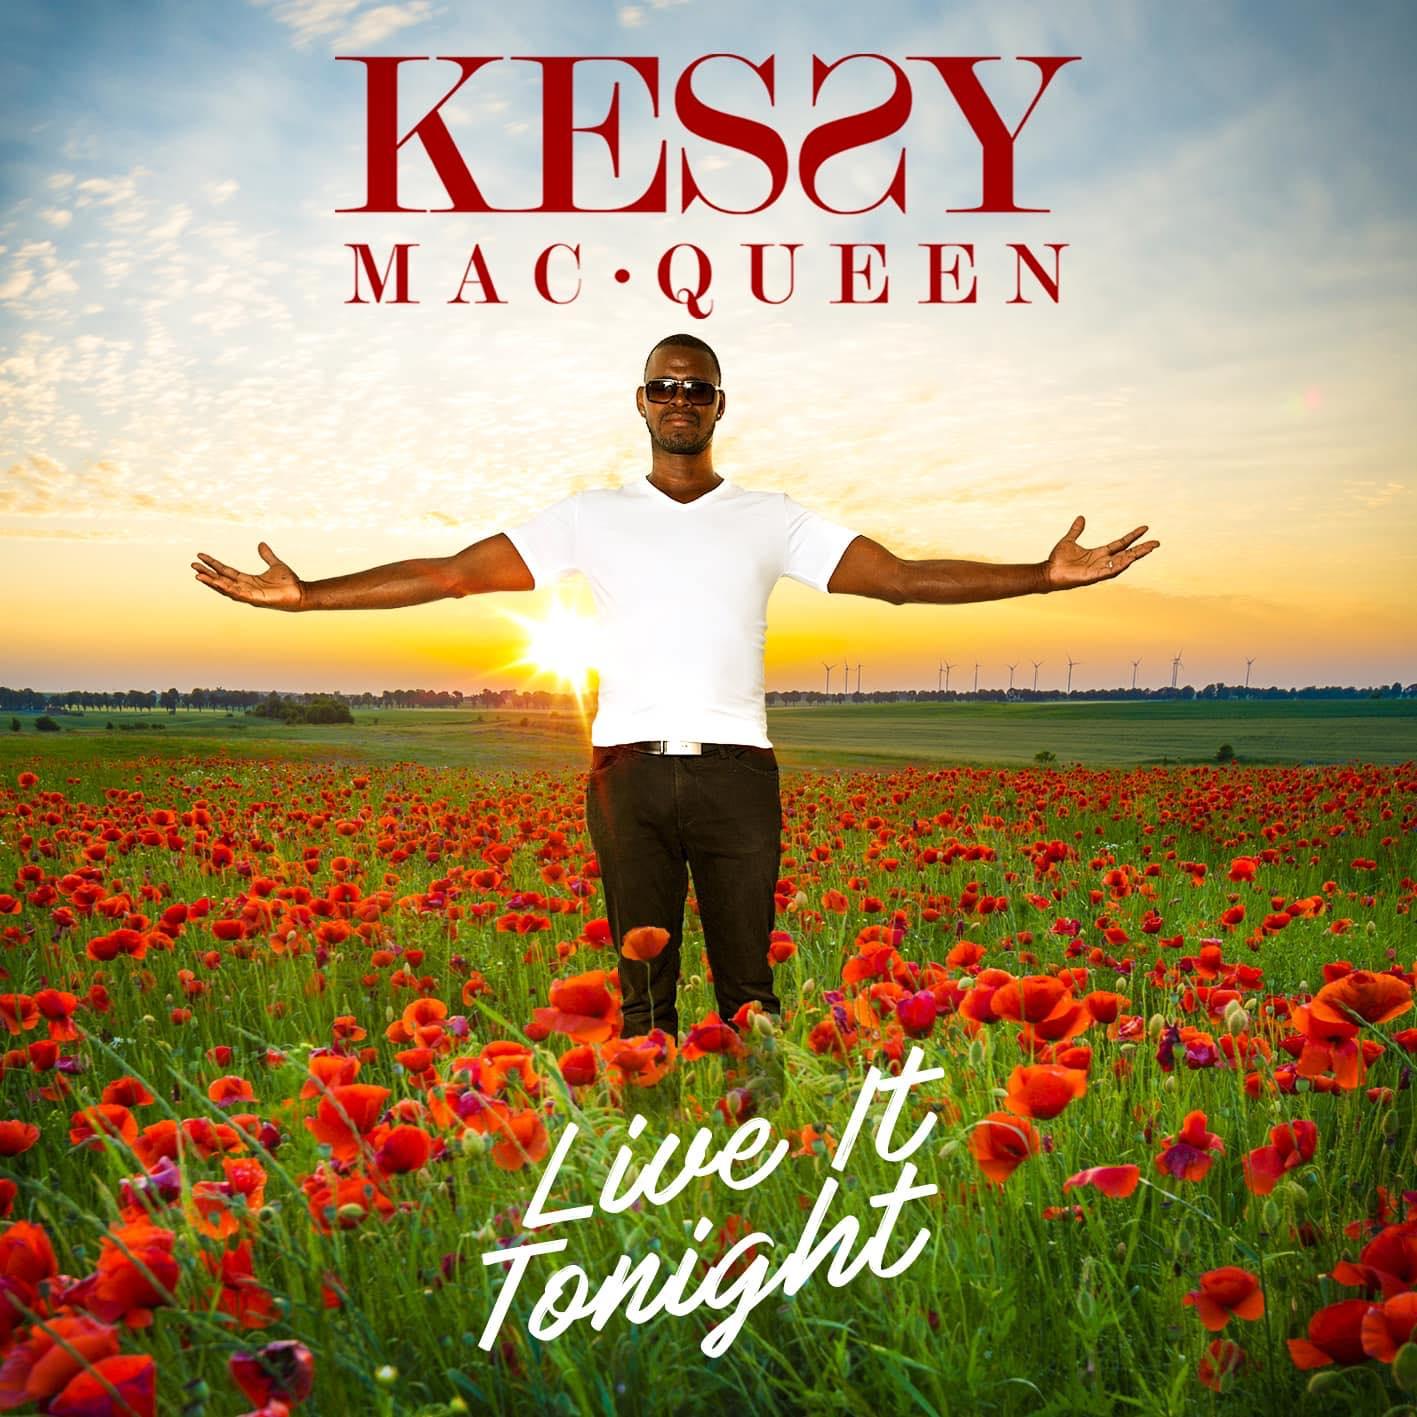 Live It Tonight - lyrics by Arron Storey